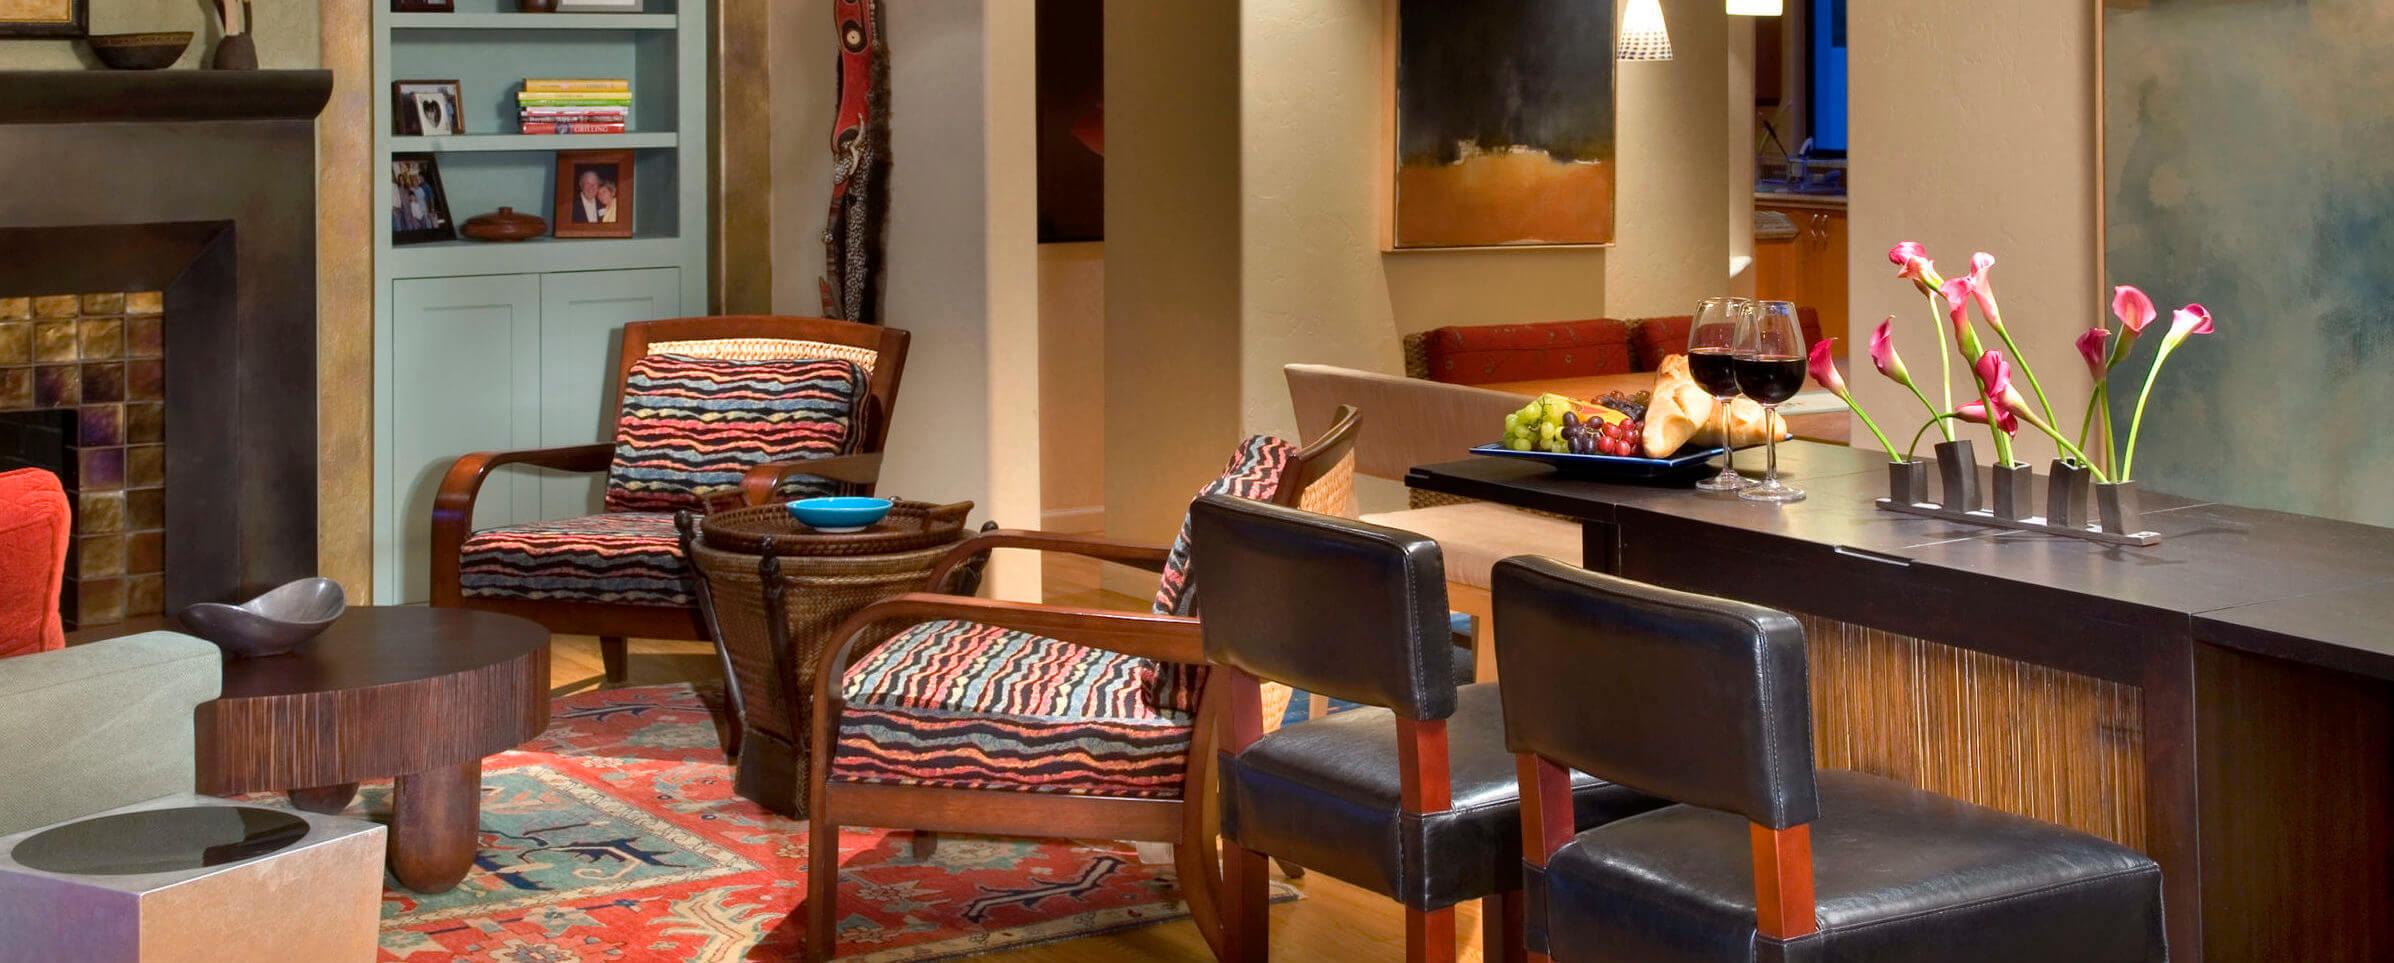 Tucson Interior Design Portfolio - Palomar 5